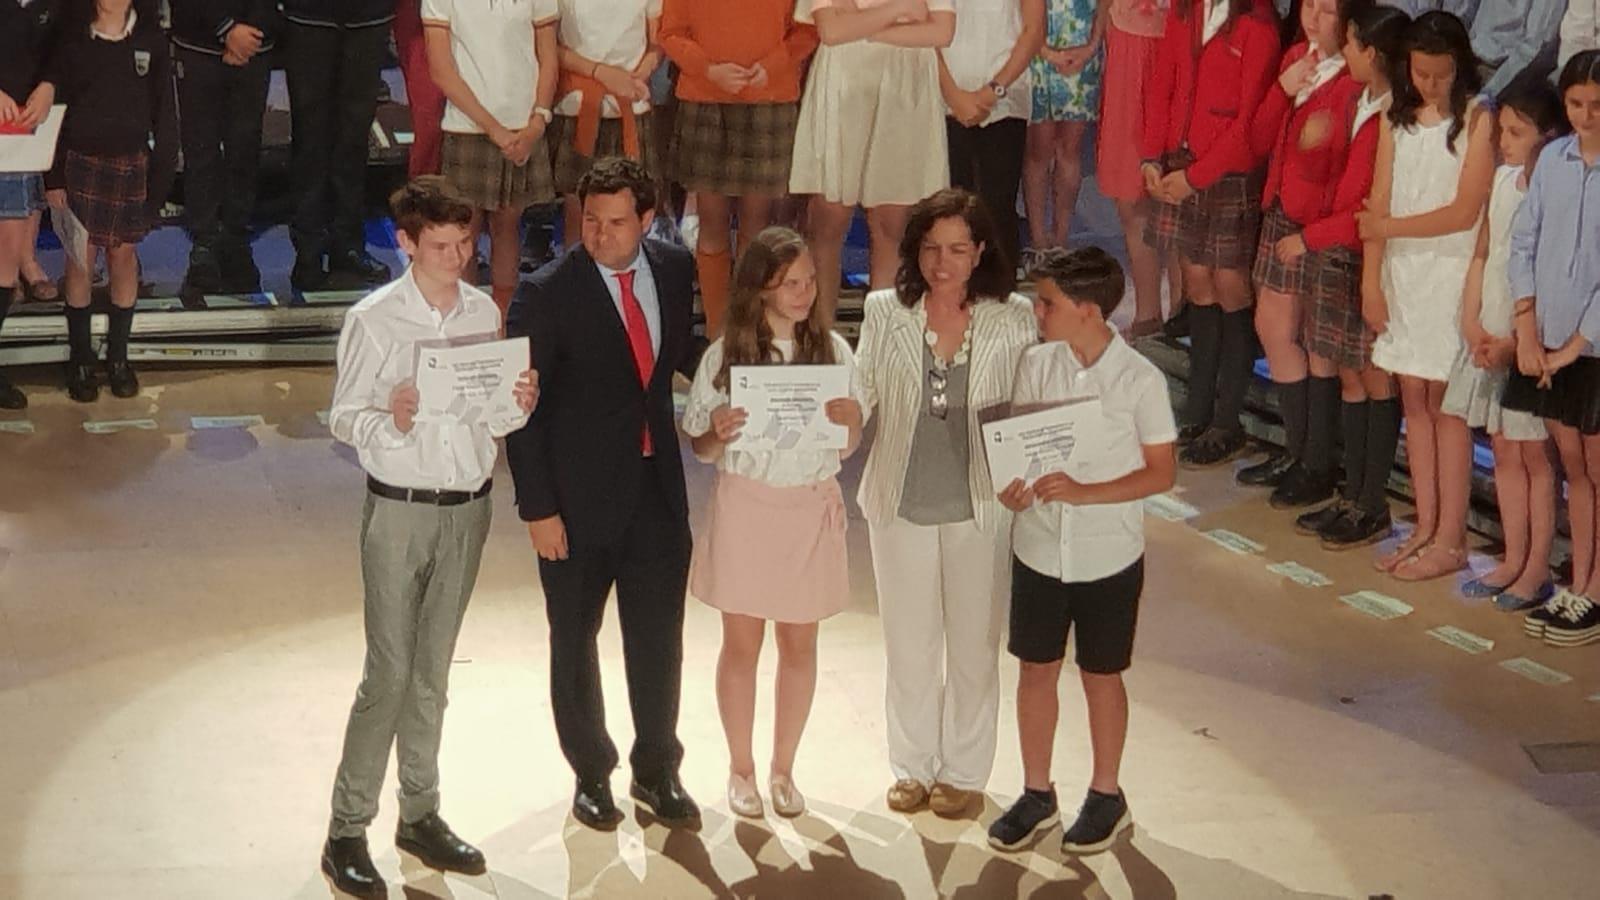 2018_06_14_Entrega de los Premios a la Excelencia Educativa 2018_CEIP FDLR_Las Rozas_Curso 2017-2018 12